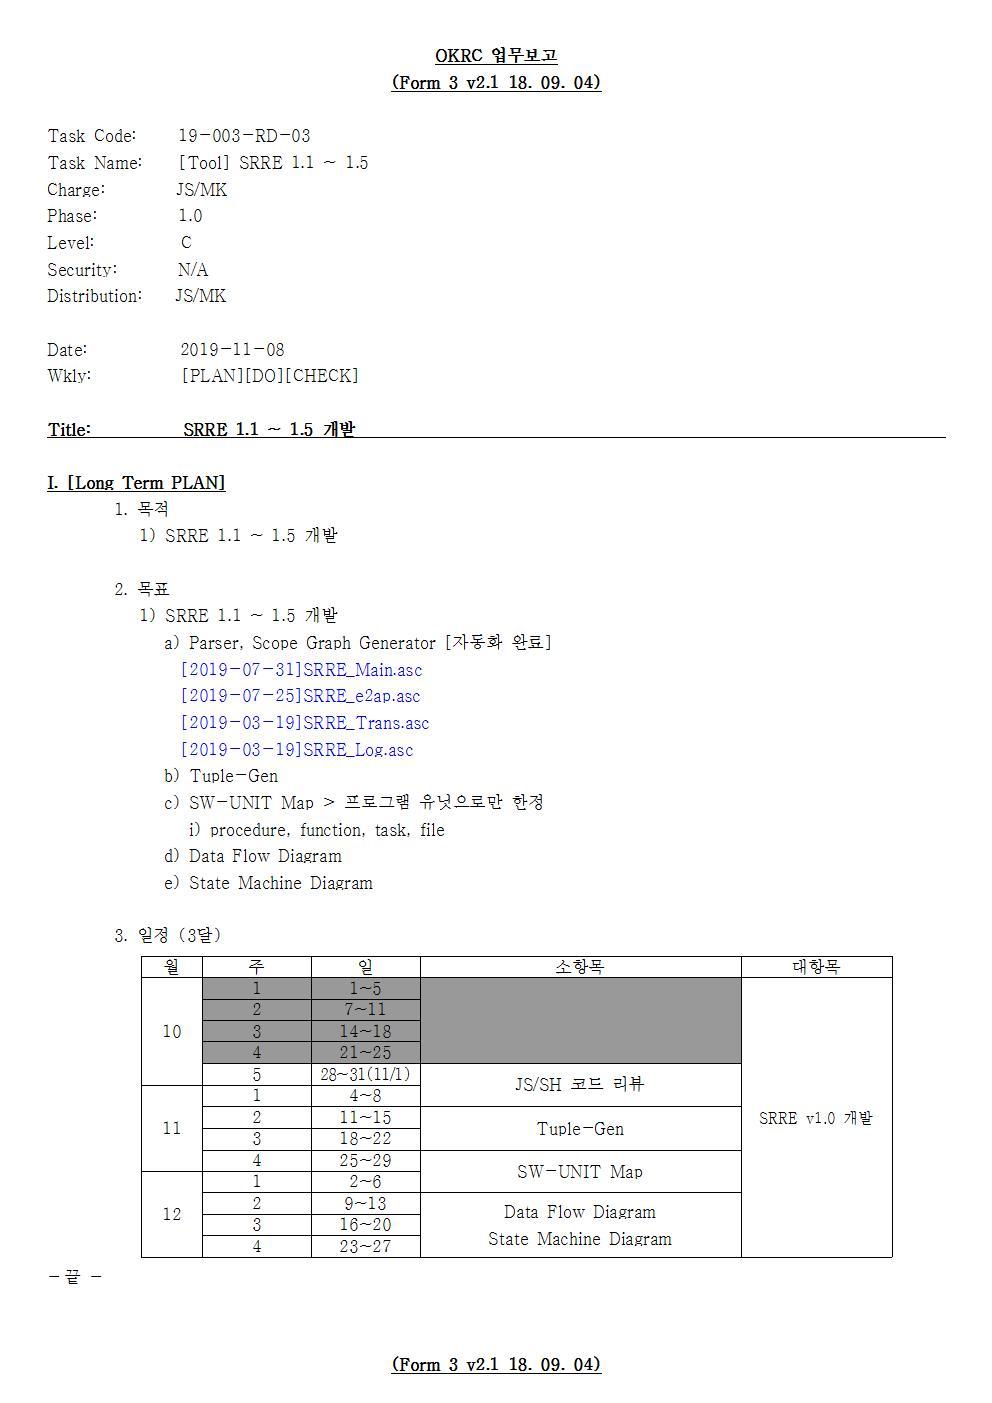 D-[19-003-RD-03]-[Tool-SRRE-1.1~1.5]-[2019-11-08][JS]-[19-11-1]-[P+D+C]001.jpg